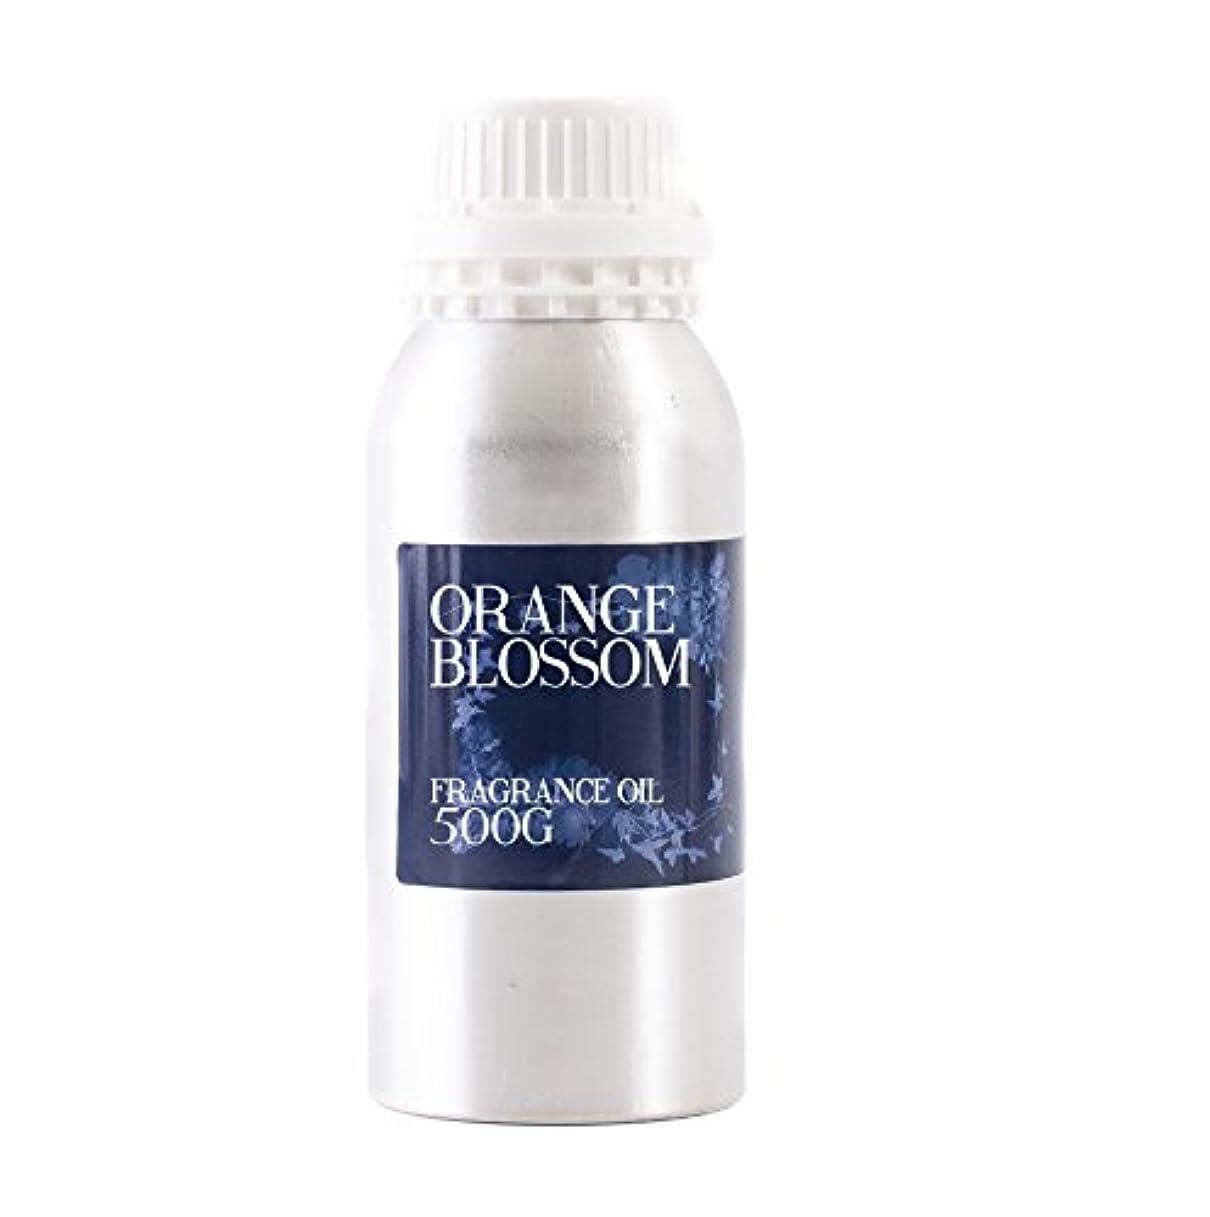 納税者チョコレートクルーズMystic Moments   Orange Blossom Fragrance Oil - 500g